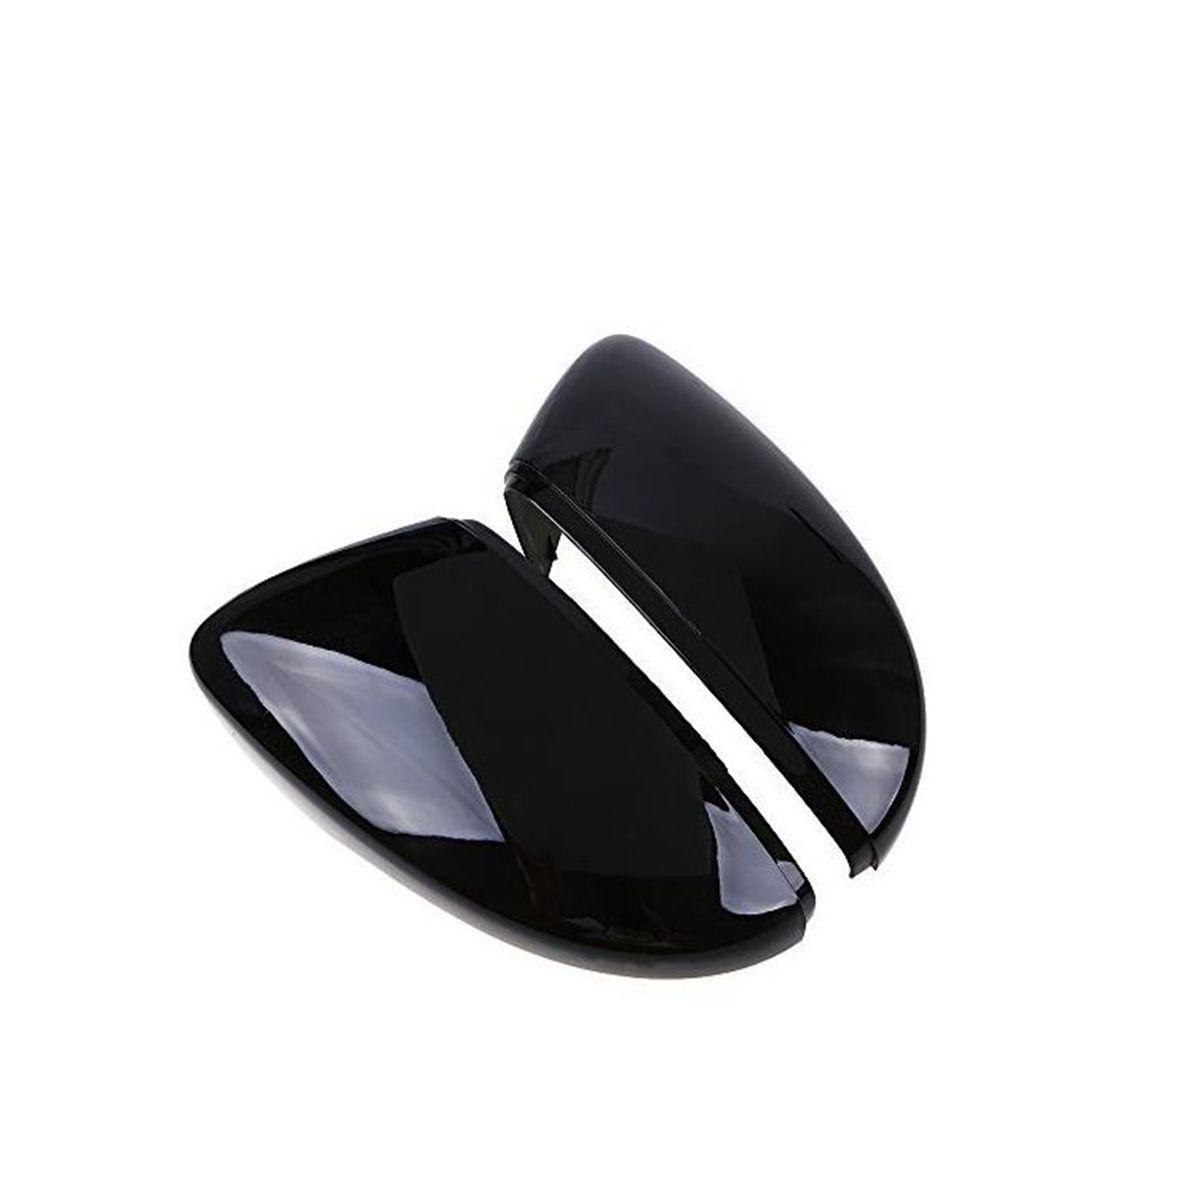 2 Stücke Rückansicht Außenspiegel Abdeckungen Caps Für VW Käfer CC Eos Passat Jetta Scirocco